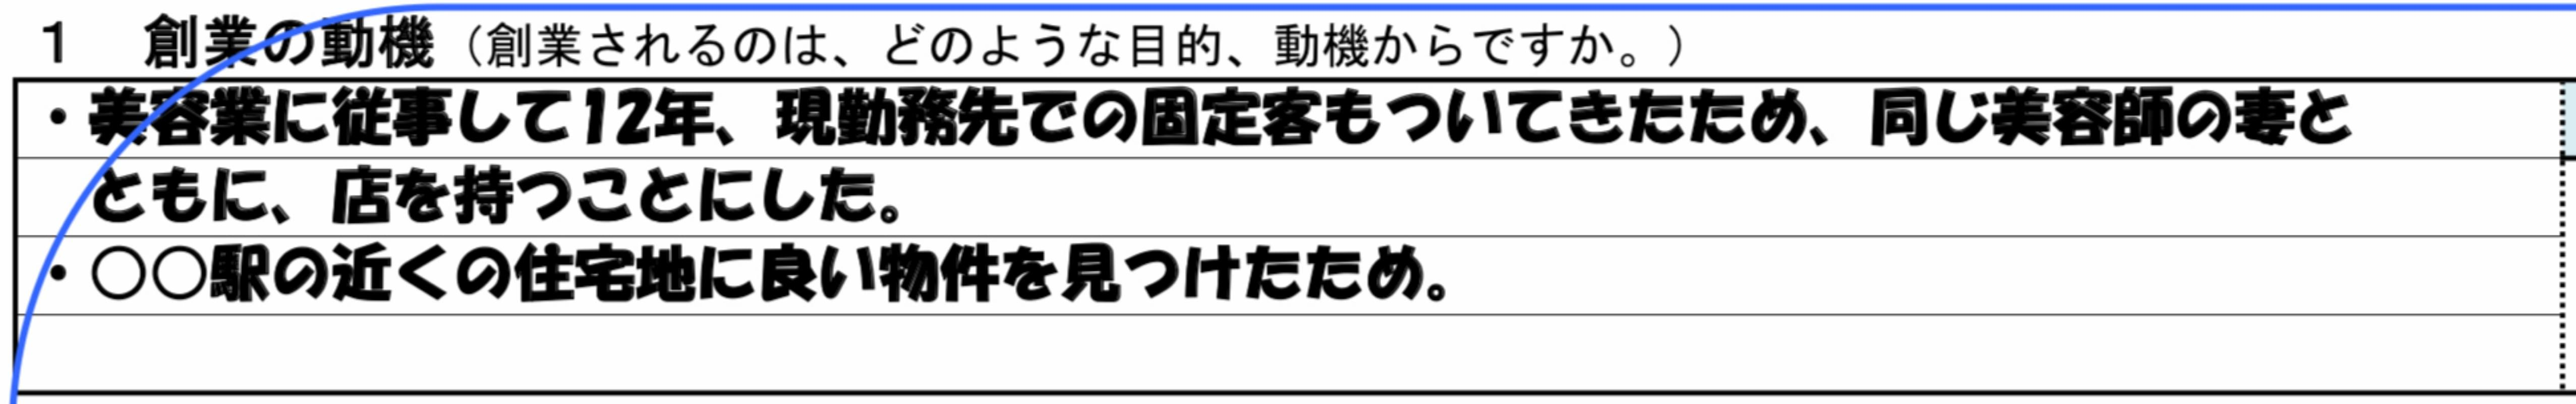 image19(1)